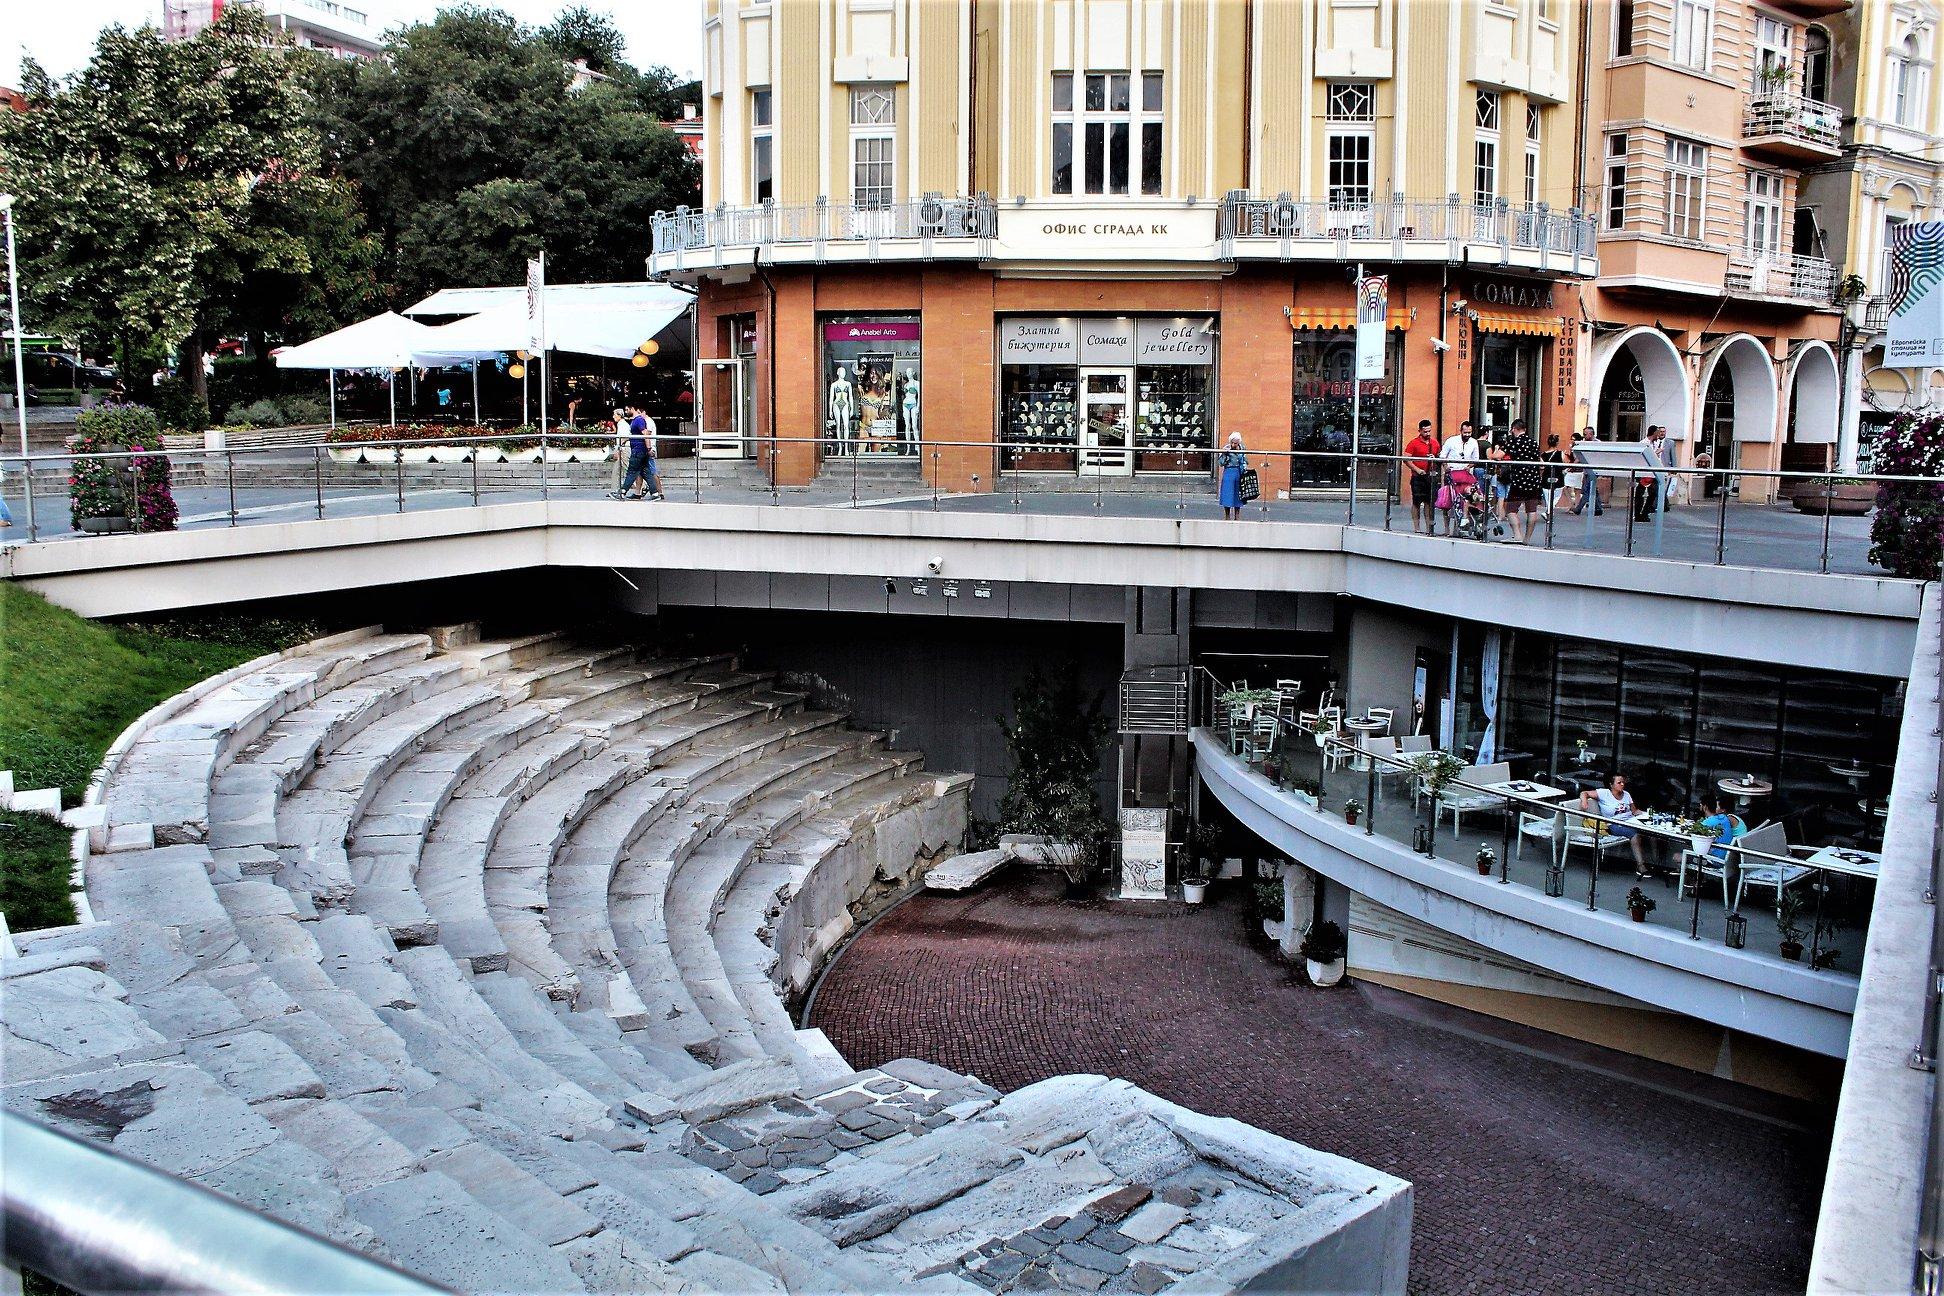 Das römische Stadion in Plovdiv